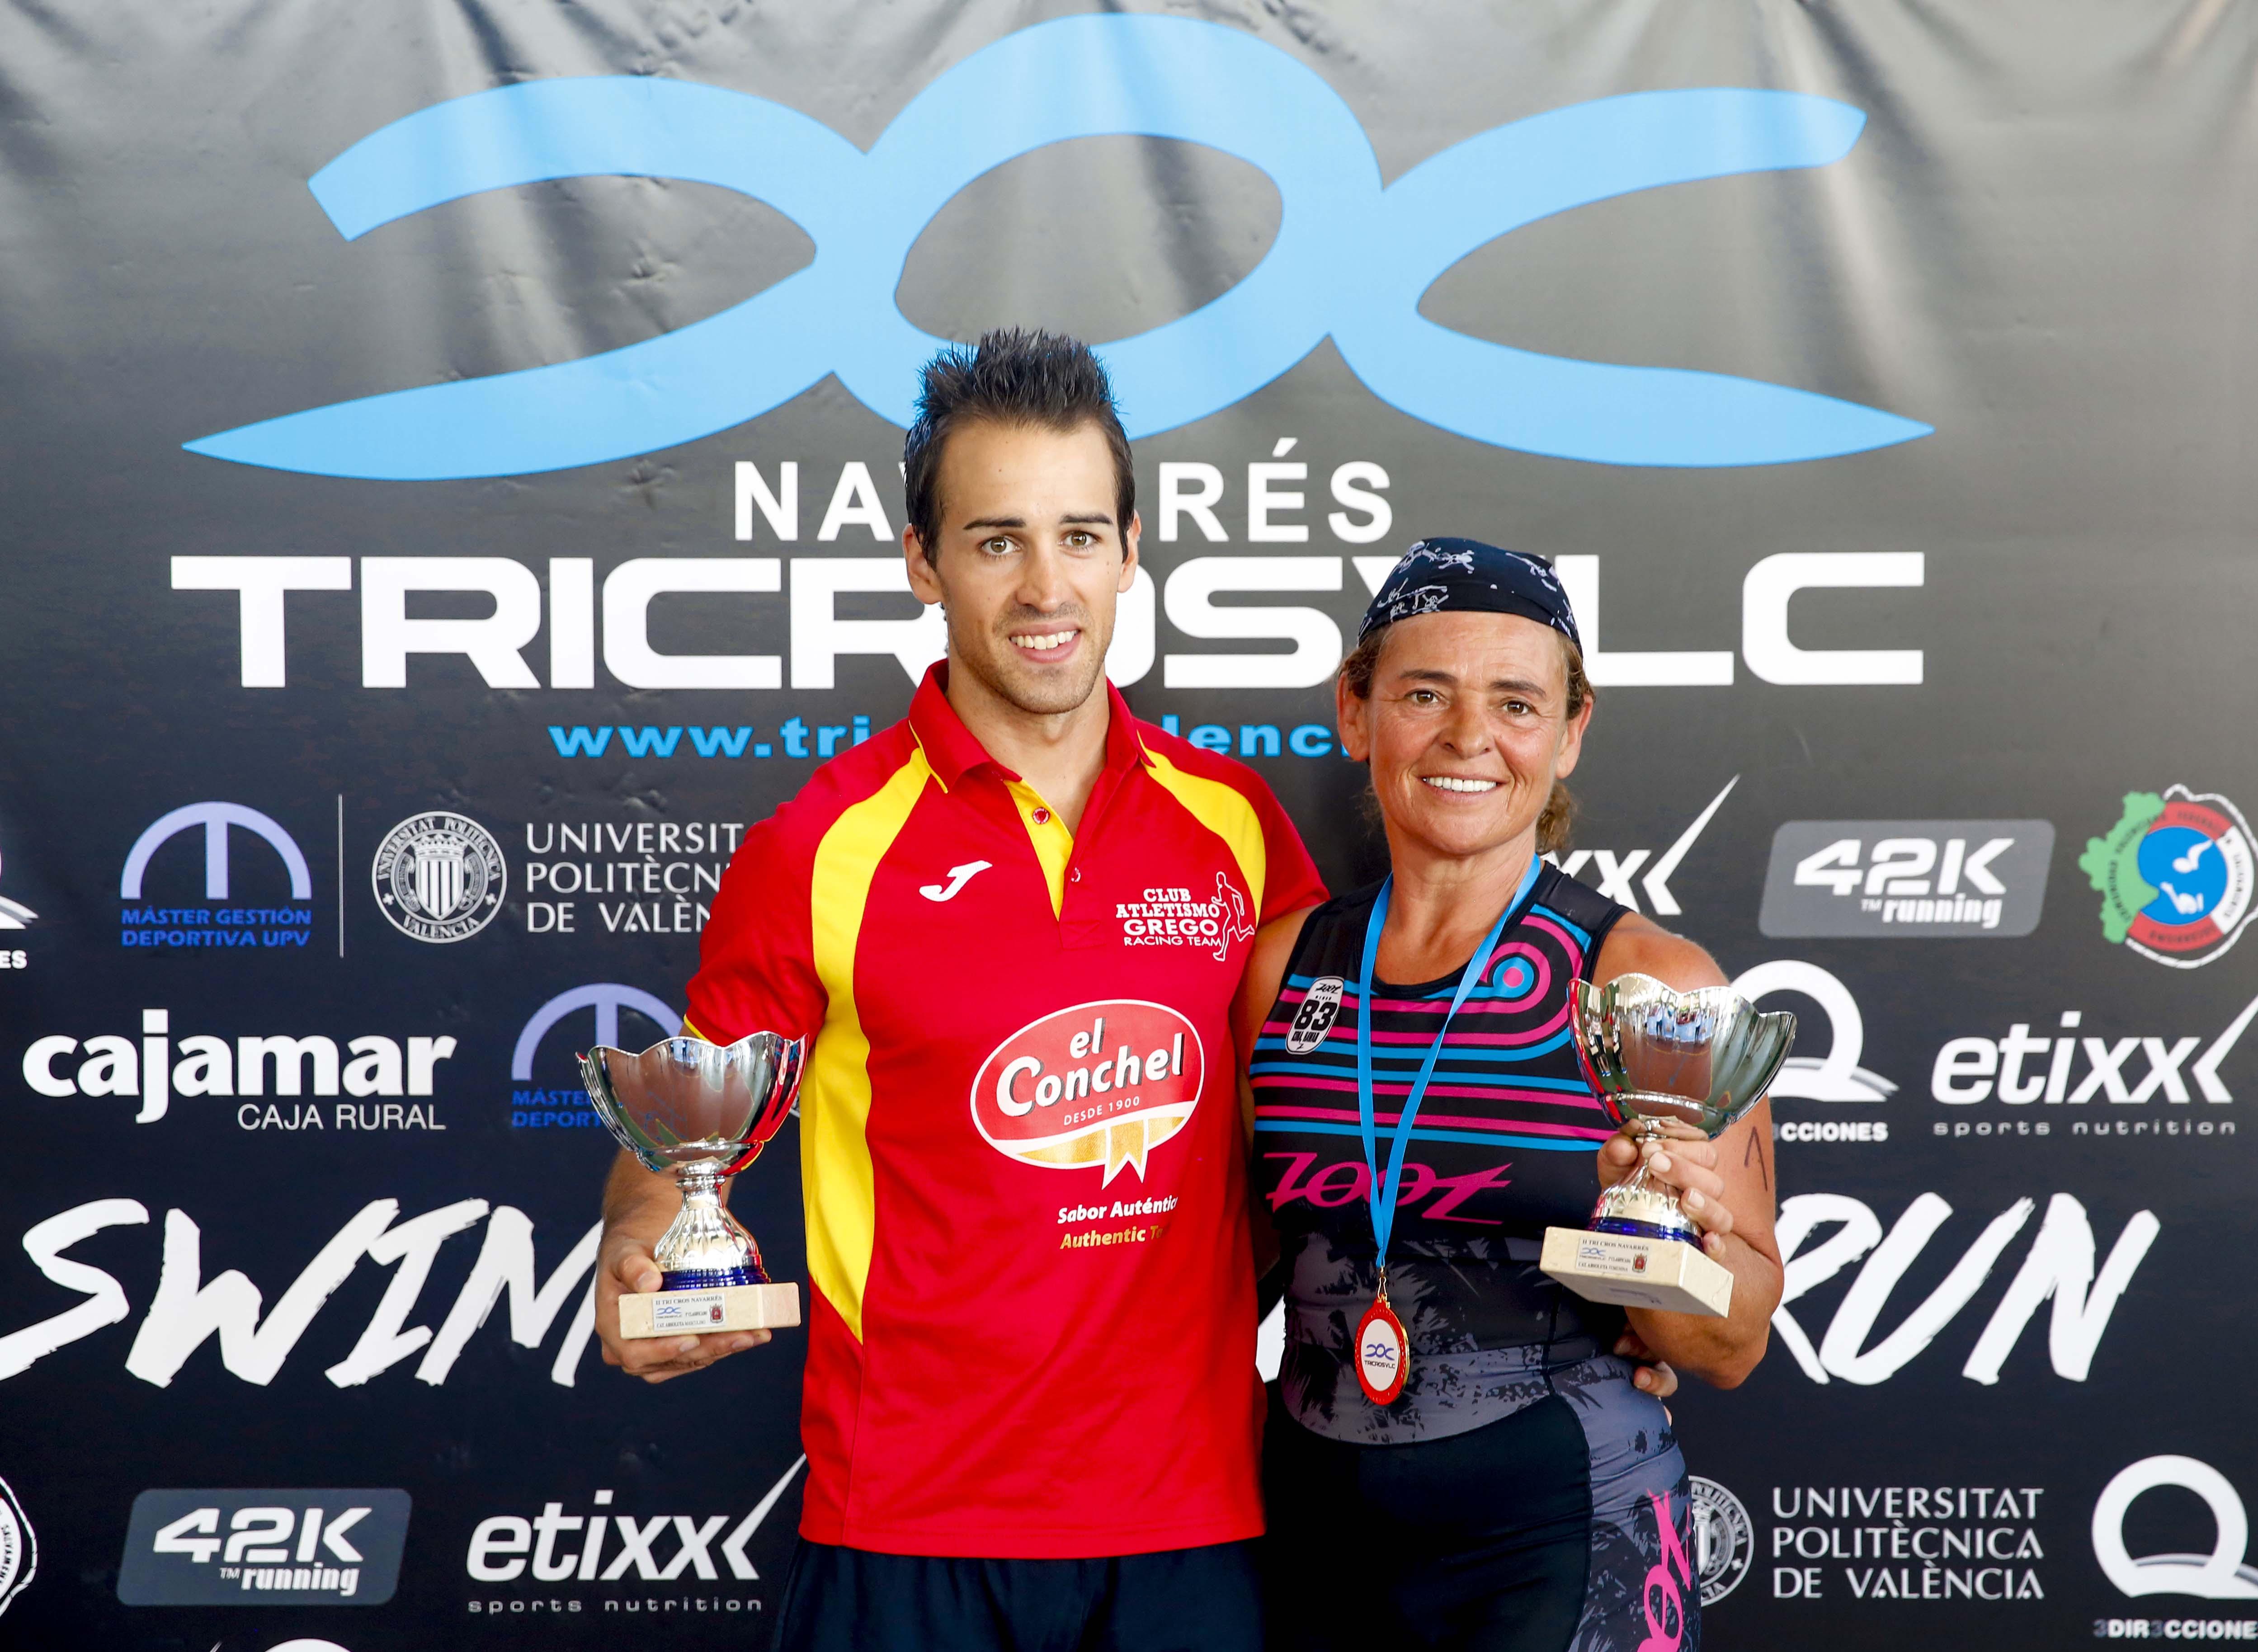 Ganadores en categoría masculina y femenina de la prueba de Navarrés.